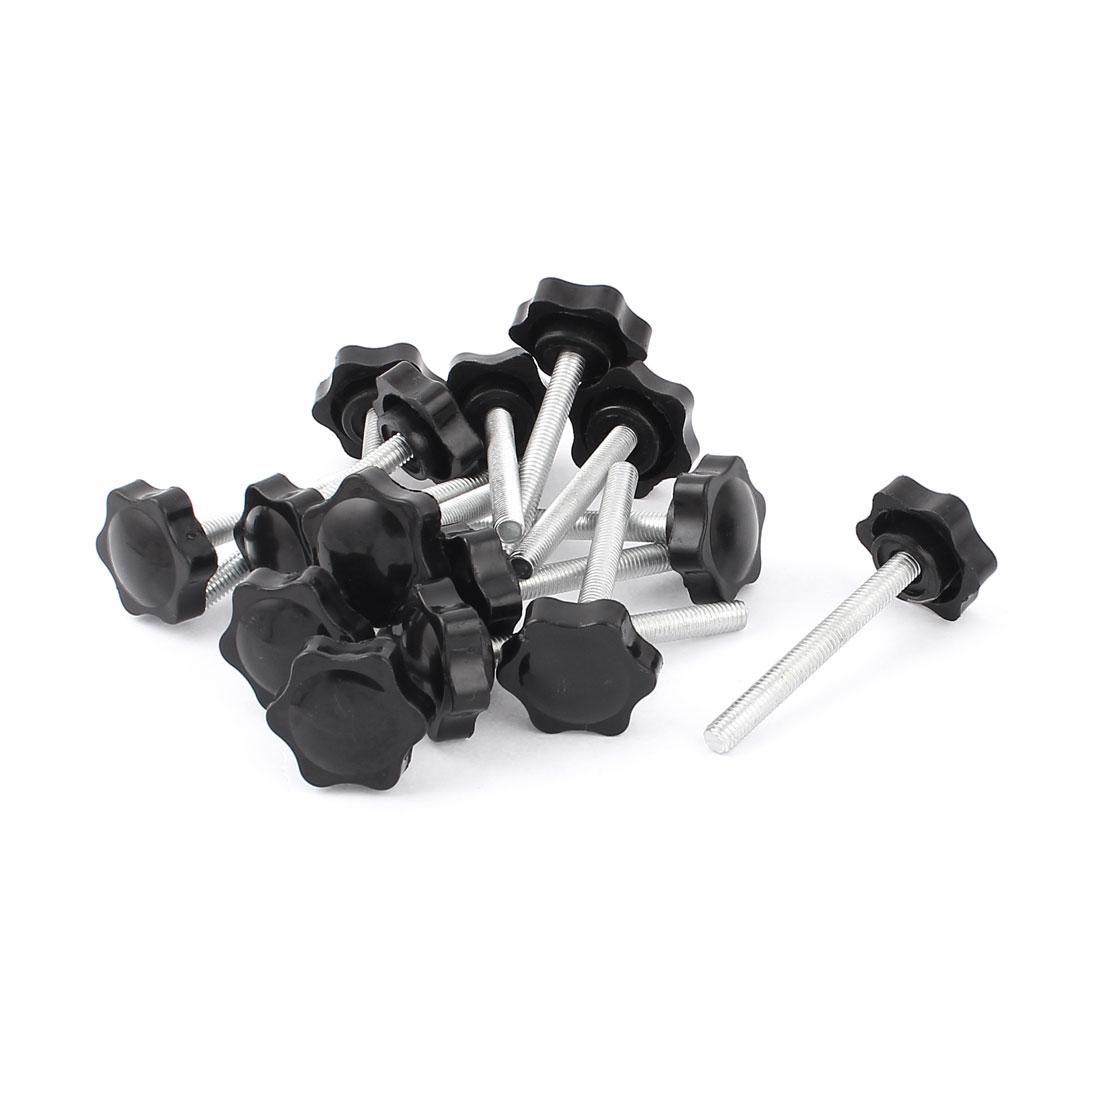 15 Pcs 8mm x 70mm Male Thread Screw Star Shaped Head Clamping Knob